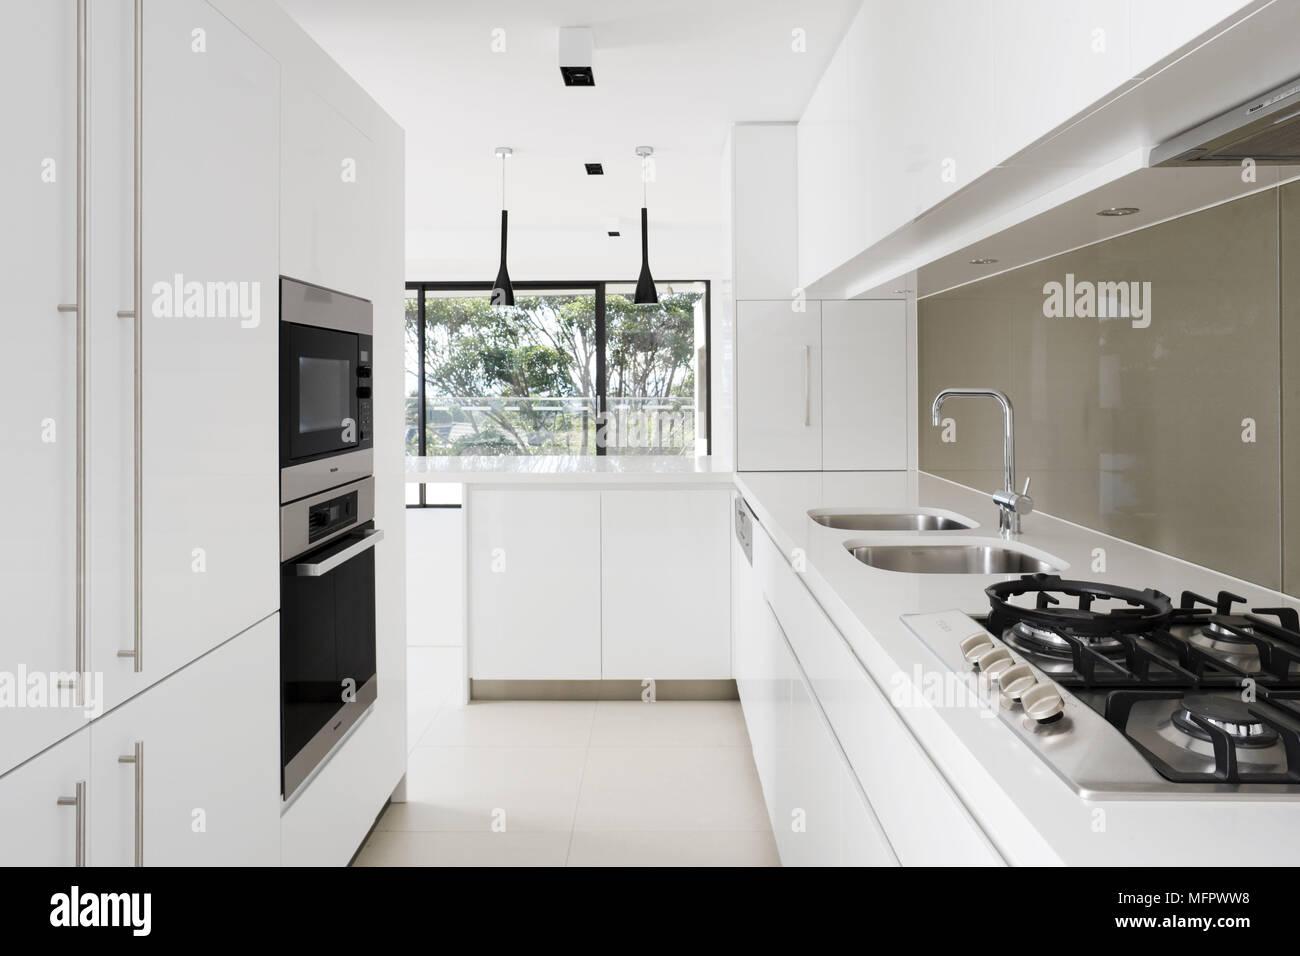 Hervorragend Spüle und Herd in Arbeitsplatte in moderne, weiße Küche Stockfoto RB51